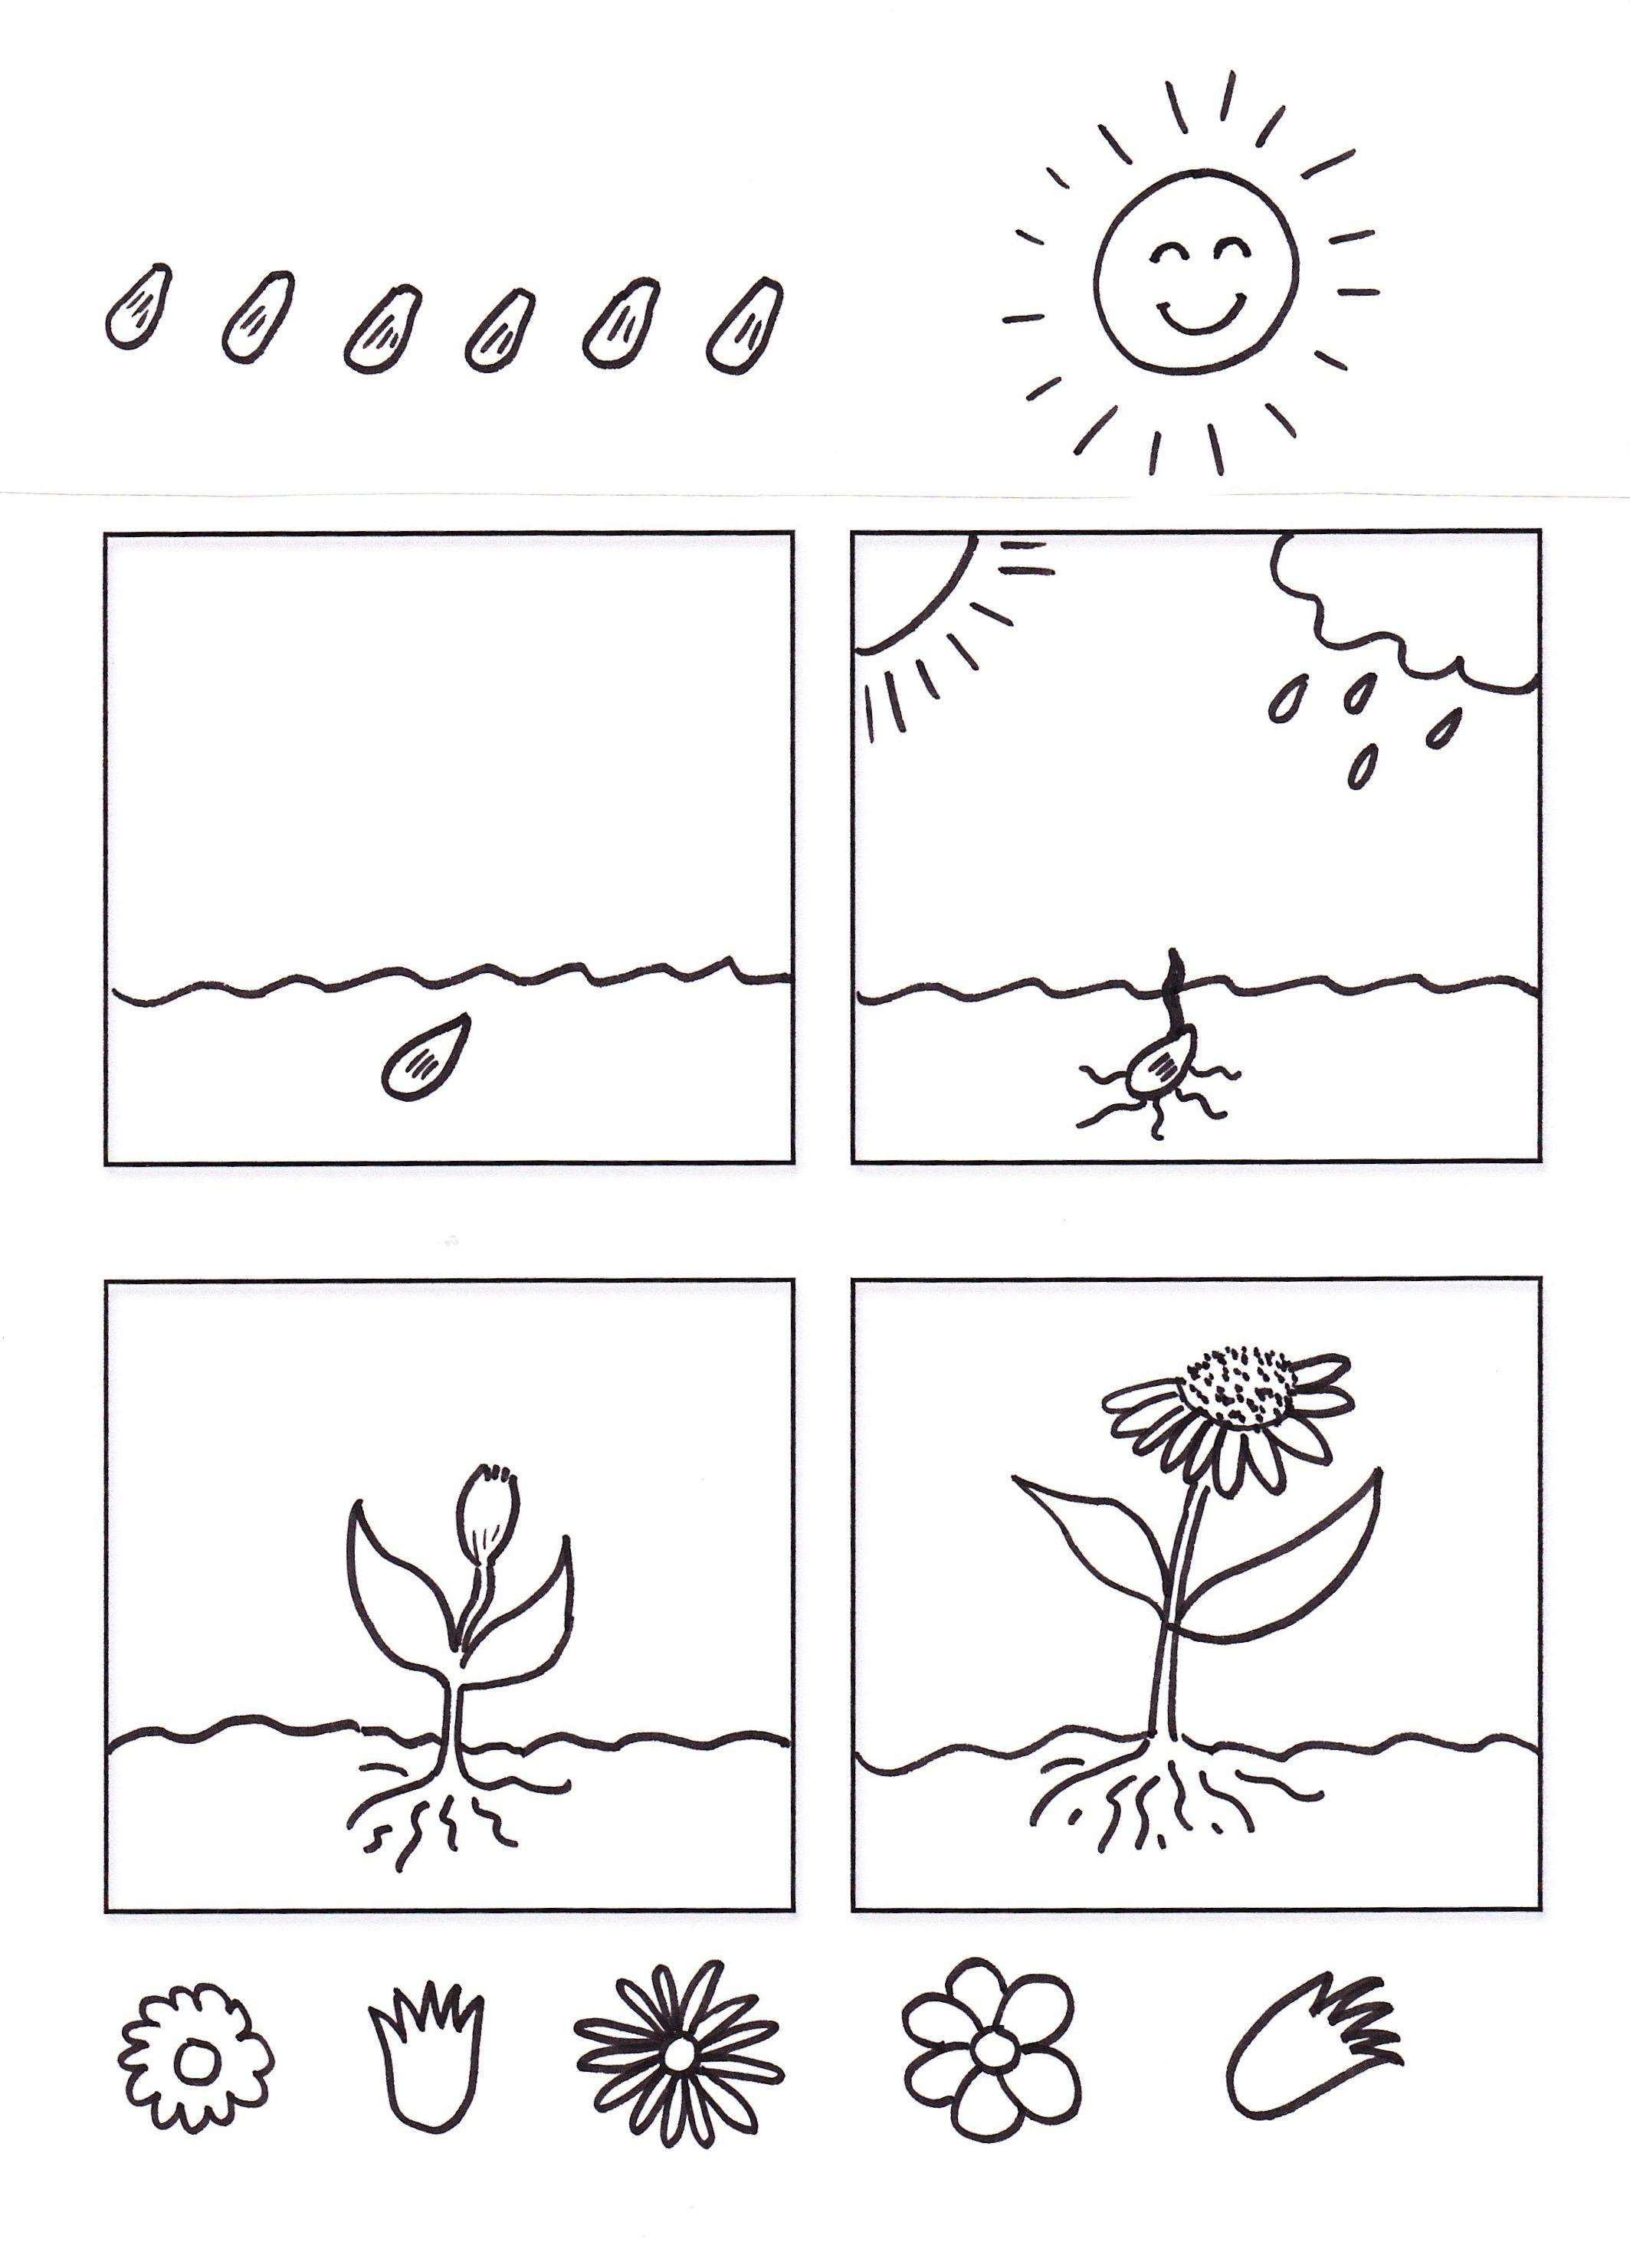 De Las Plantas Para Colorear Y Pintar Imprimir Dibujos Del Ciclo De